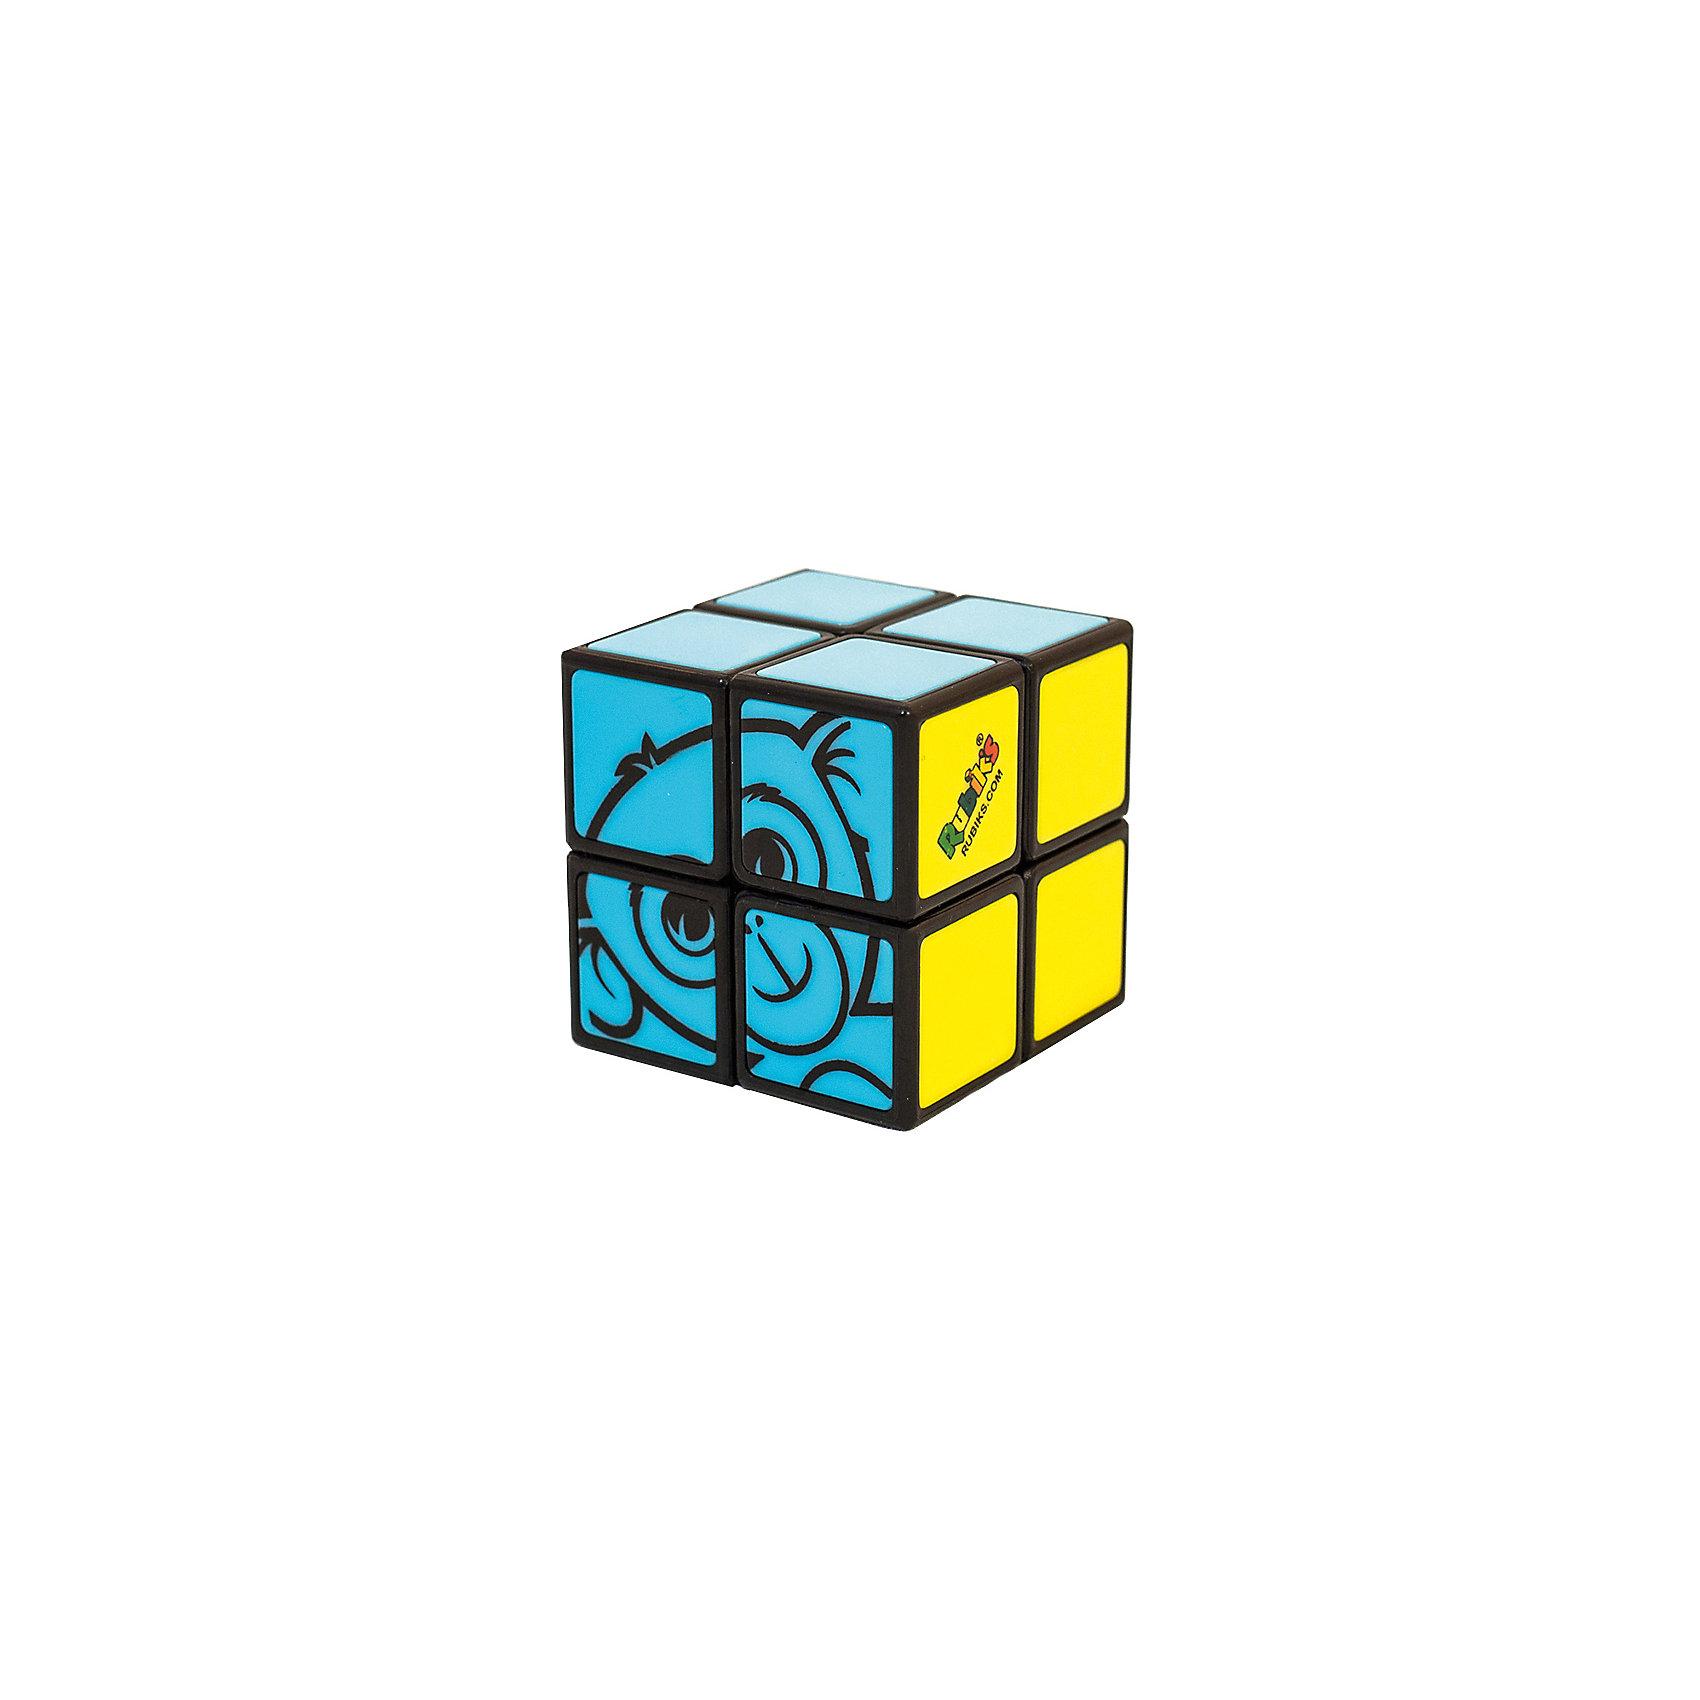 Детский кубик Рубика 2х2Обновленная в 2015г версия! Кубик Рубика, который сможет собрать каждый! Эта головоломка - не только идеальный способ познакомить ребенка с развивающими играми Рубикс, но еще и отличный способ научиться собирать кубик Рубика 3х3 (для тех кто так и не научился).            Что нового в версии 2015г:      1) Новый механизм и конструкция на база шара, вместо наклеек - пластиковые вставки.      2) Размер игрушки увеличен с 38 до 46мм      3) Новая упаковка блистер-шестигранник.              У кубика Рубика 2х2 для малышей всего 2 цвета, вместо обычных шести - зеленый и розовый, а также картинка: голова обезьянки. Достаточно поставить все 4 кубика зеленой стороны вместе, затем собрать симпатичную обезьянку из четырех розовых кубиков и головоломка решена! Несмотря на кажущуюся простоту, малышу придется хорошенько подумать, ведь тут потребуется и логика, и пространственное воображение - необходимые навыки для победы над более сложными головоломками и логическими задачами.               Упрощенный вариант Кубика Рубика 2х2.     3 возможных задания к этому кубику Рубика. По уровню сложности, от простого к сложному:        1. Собрать только зеленую сторону.        2. Собрать розовую сторону с изображением головы обезьянки.        3. Собрать обе стороны - и зеленую и с обезьянкой.     Возраст: от 5 лет.        Сложность: 1/5        Размер игрушки: 46 x 46 x 46 мм        В комплекте: Головоломка<br><br>Ширина мм: 50<br>Глубина мм: 145<br>Высота мм: 150<br>Вес г: 100<br>Возраст от месяцев: 60<br>Возраст до месяцев: 180<br>Пол: Унисекс<br>Возраст: Детский<br>SKU: 4166718